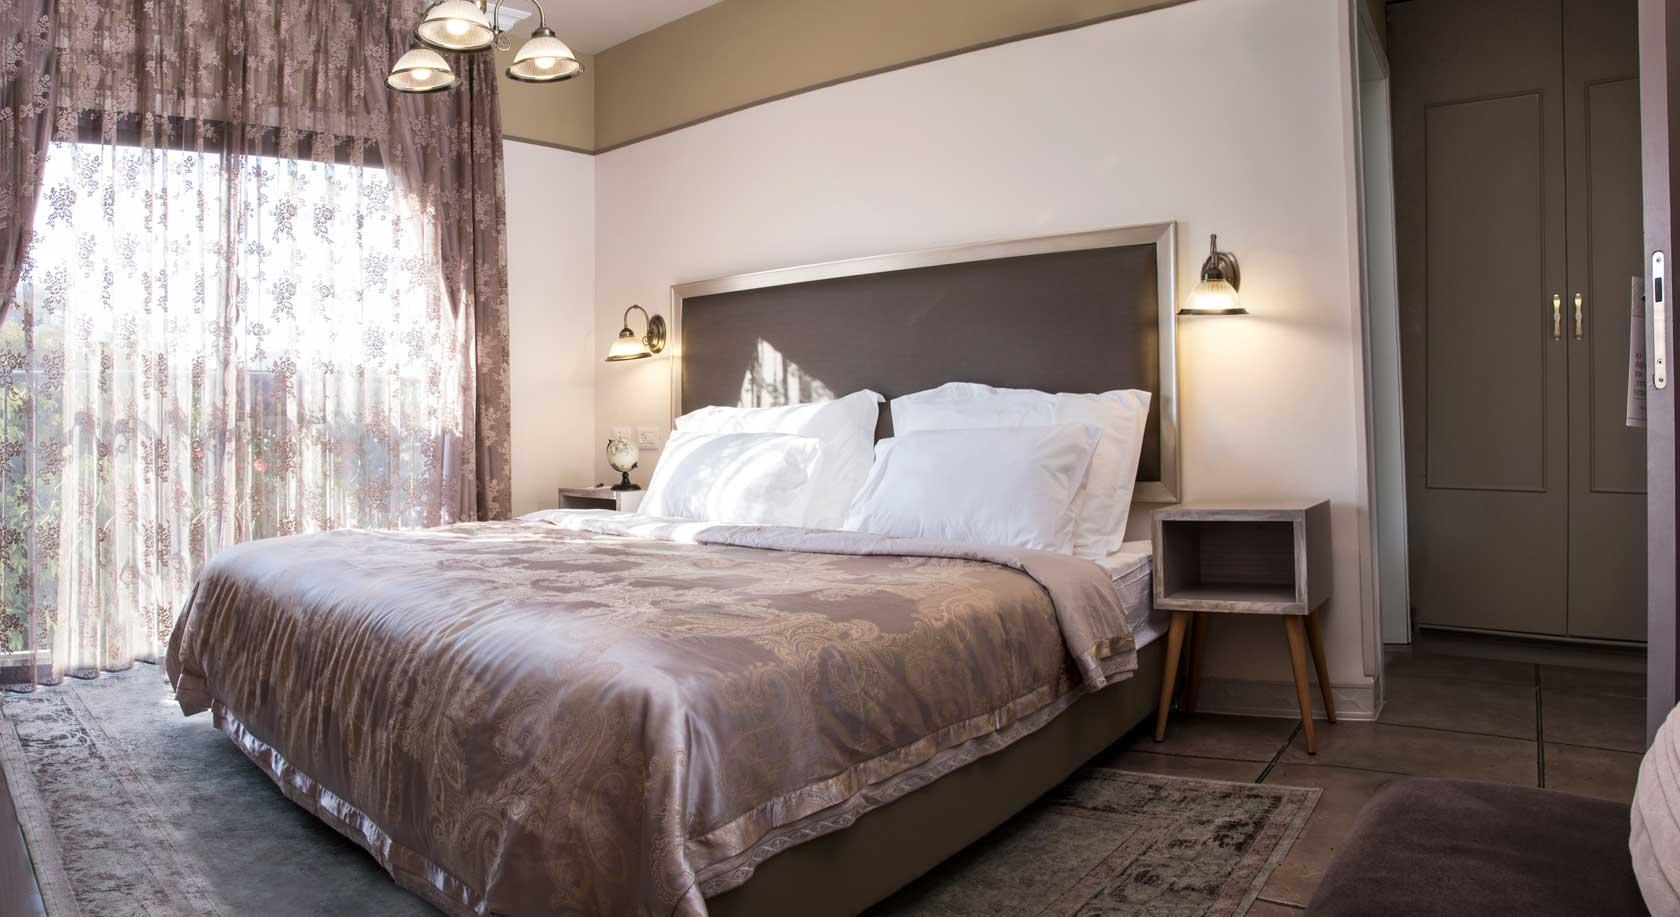 מלון שטרקמן ארנה נהריה חדר אקזקיוטיב